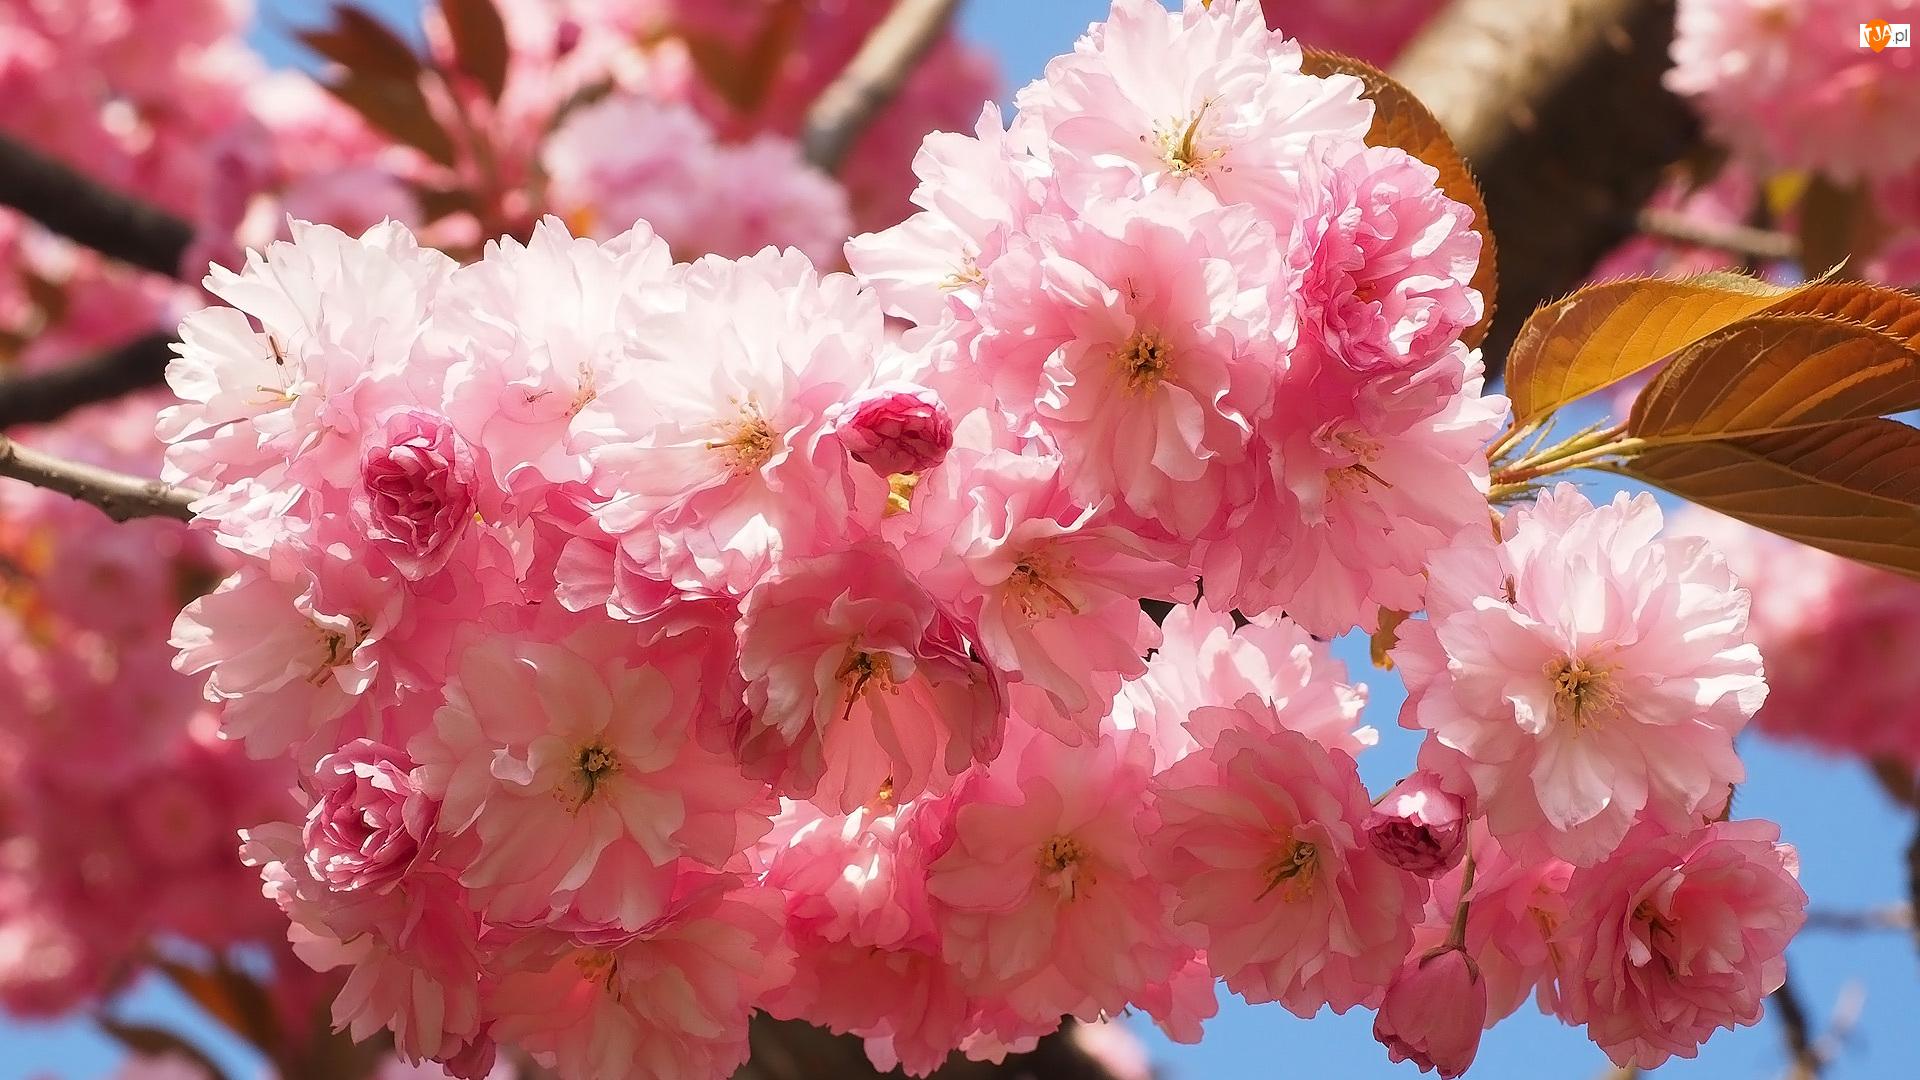 Drzewo owocowe, Liście, Wiśnia, Kwiaty, Gałązki